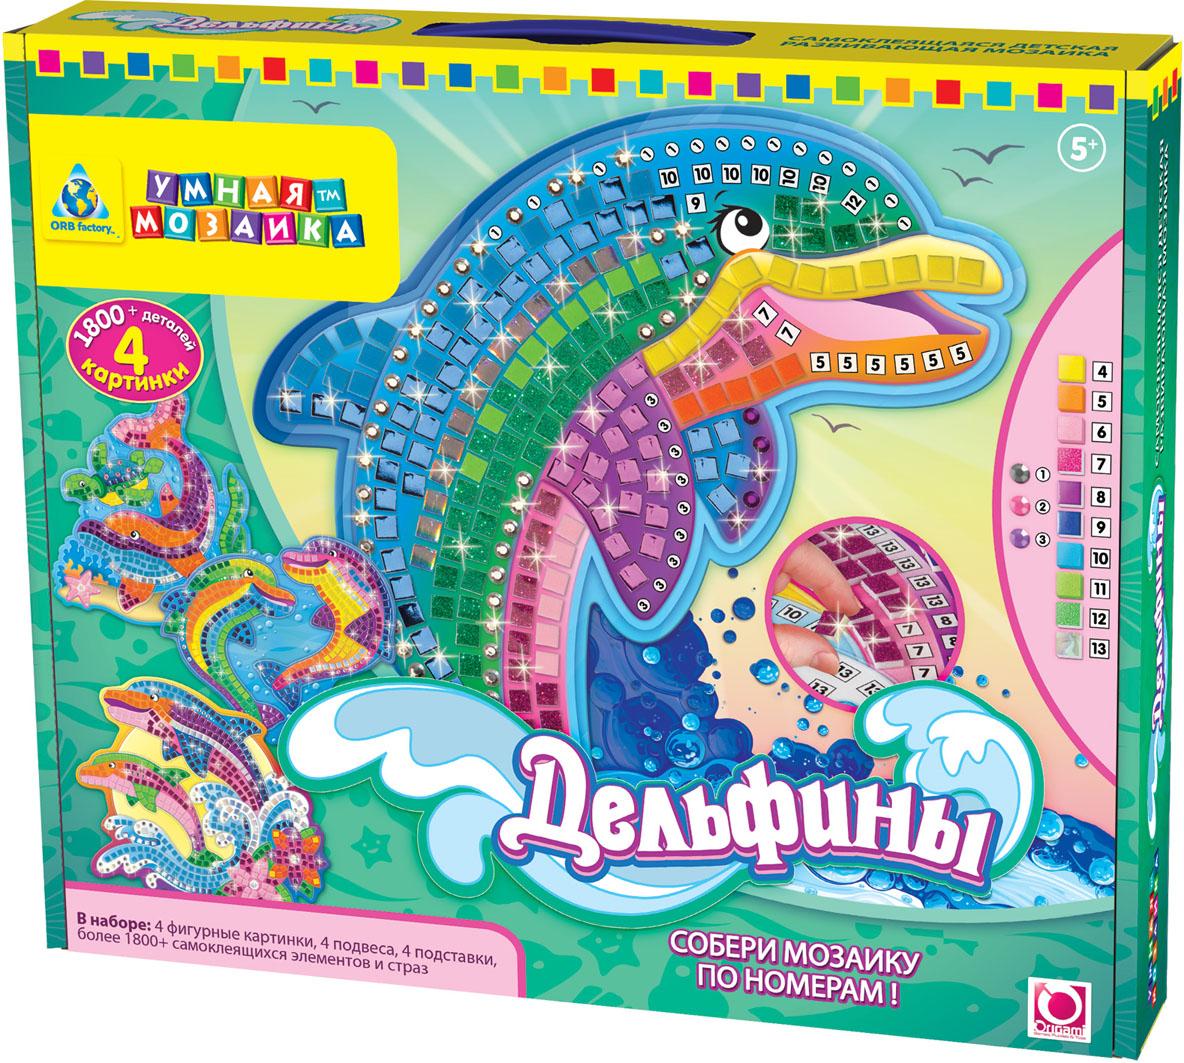 Мозаика по номерам 4 в 1 Дельфины00397Мозаика по номерам Дельфины позволит вам и вашему ребенку без особого труда создать 4 великолепные блестящие картины с изображениями озорных дельфинов. В набор входят 4 картонные основы с различными изображениями дельфинов, 4 подвеса и более 1800 самоклеящихся украшений. Мозаика позволит вашему ребенку познакомиться с жизнью подводного мира - разместите элементы мозаики по номерам, и очаровательные дельфины засверкают, как настоящие драгоценности! Умная мозаика с самоклеящимися элементами отличается высоким качеством исполнения и красочным цветовым дизайном. На картонную основу уже нанесен рисунок. Процесс создания мозаики несложен и под силу даже ребенку - сначала нужно выбрать элементы мозаики по номеру и цвету, затем отделить их от общего блока и наклеить на подходящее по номеру и цвету место на рисунке. Данный набор прекрасно развивает моторику рук и пространственное мышление, а также воображение и внимательность. Готовую мозаику можно использовать для оформления...